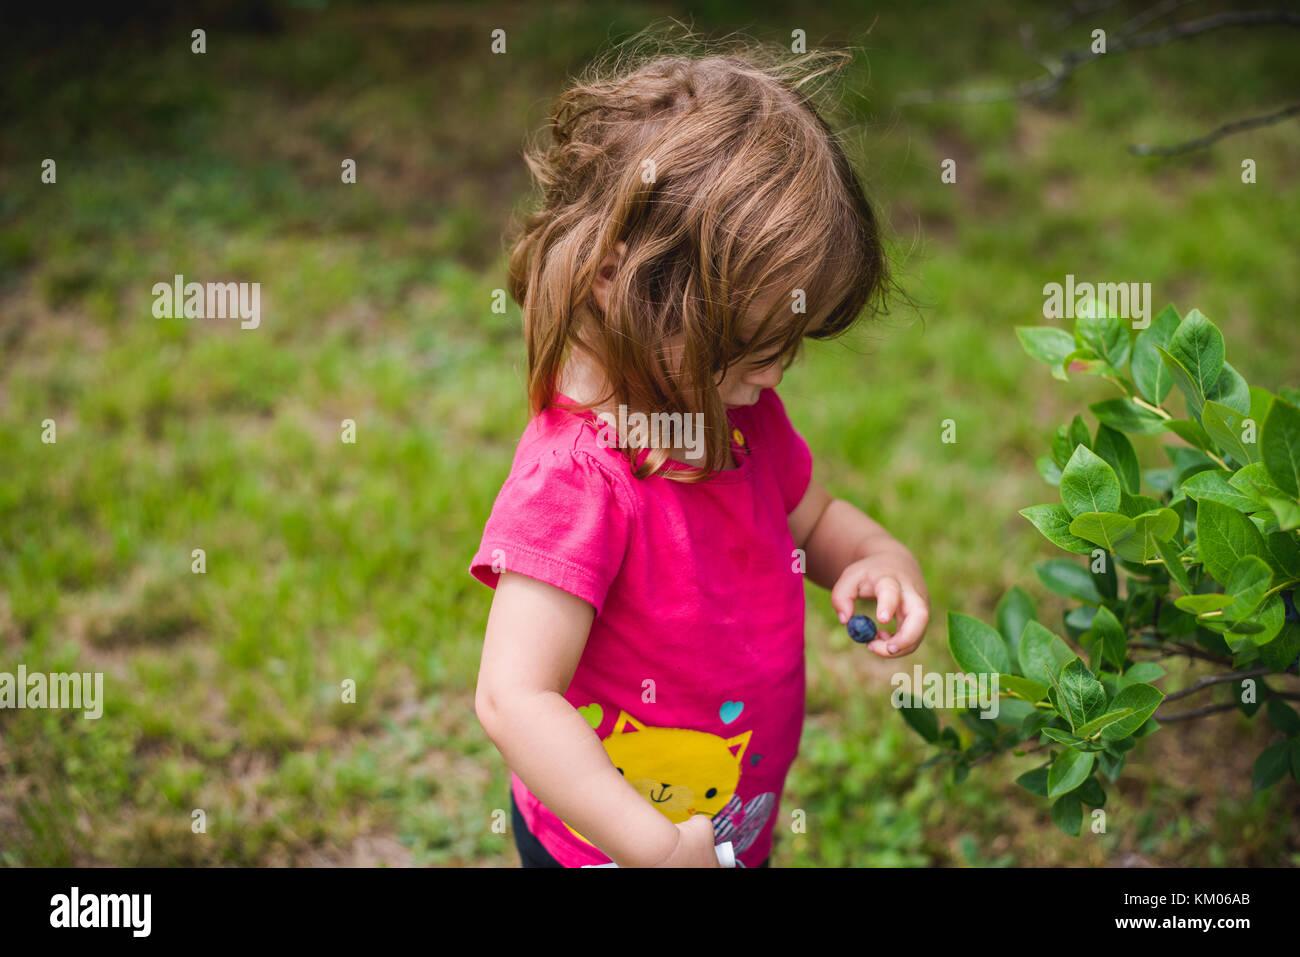 Una giovane ragazza tiene un mirtillo accanto a un mirtillo bush Immagini Stock